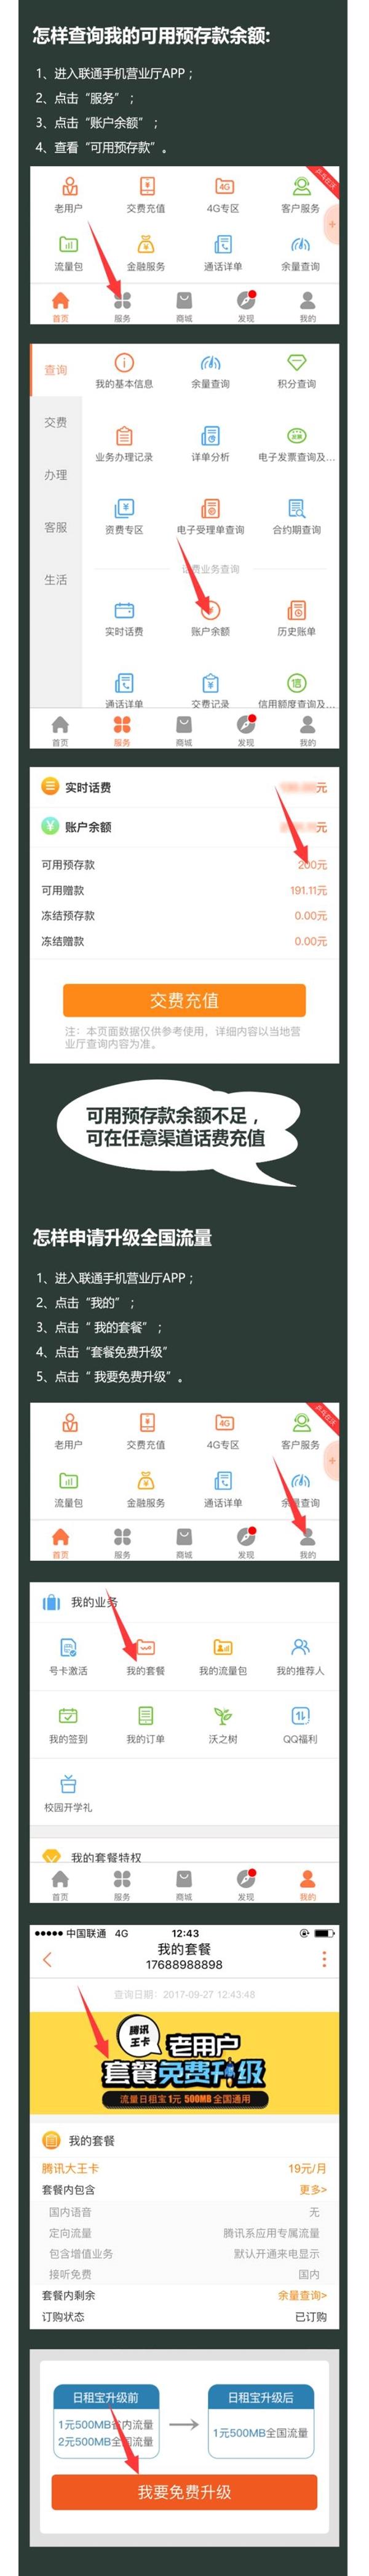 騰訊王卡福利:免費升級1元500MB全國流量